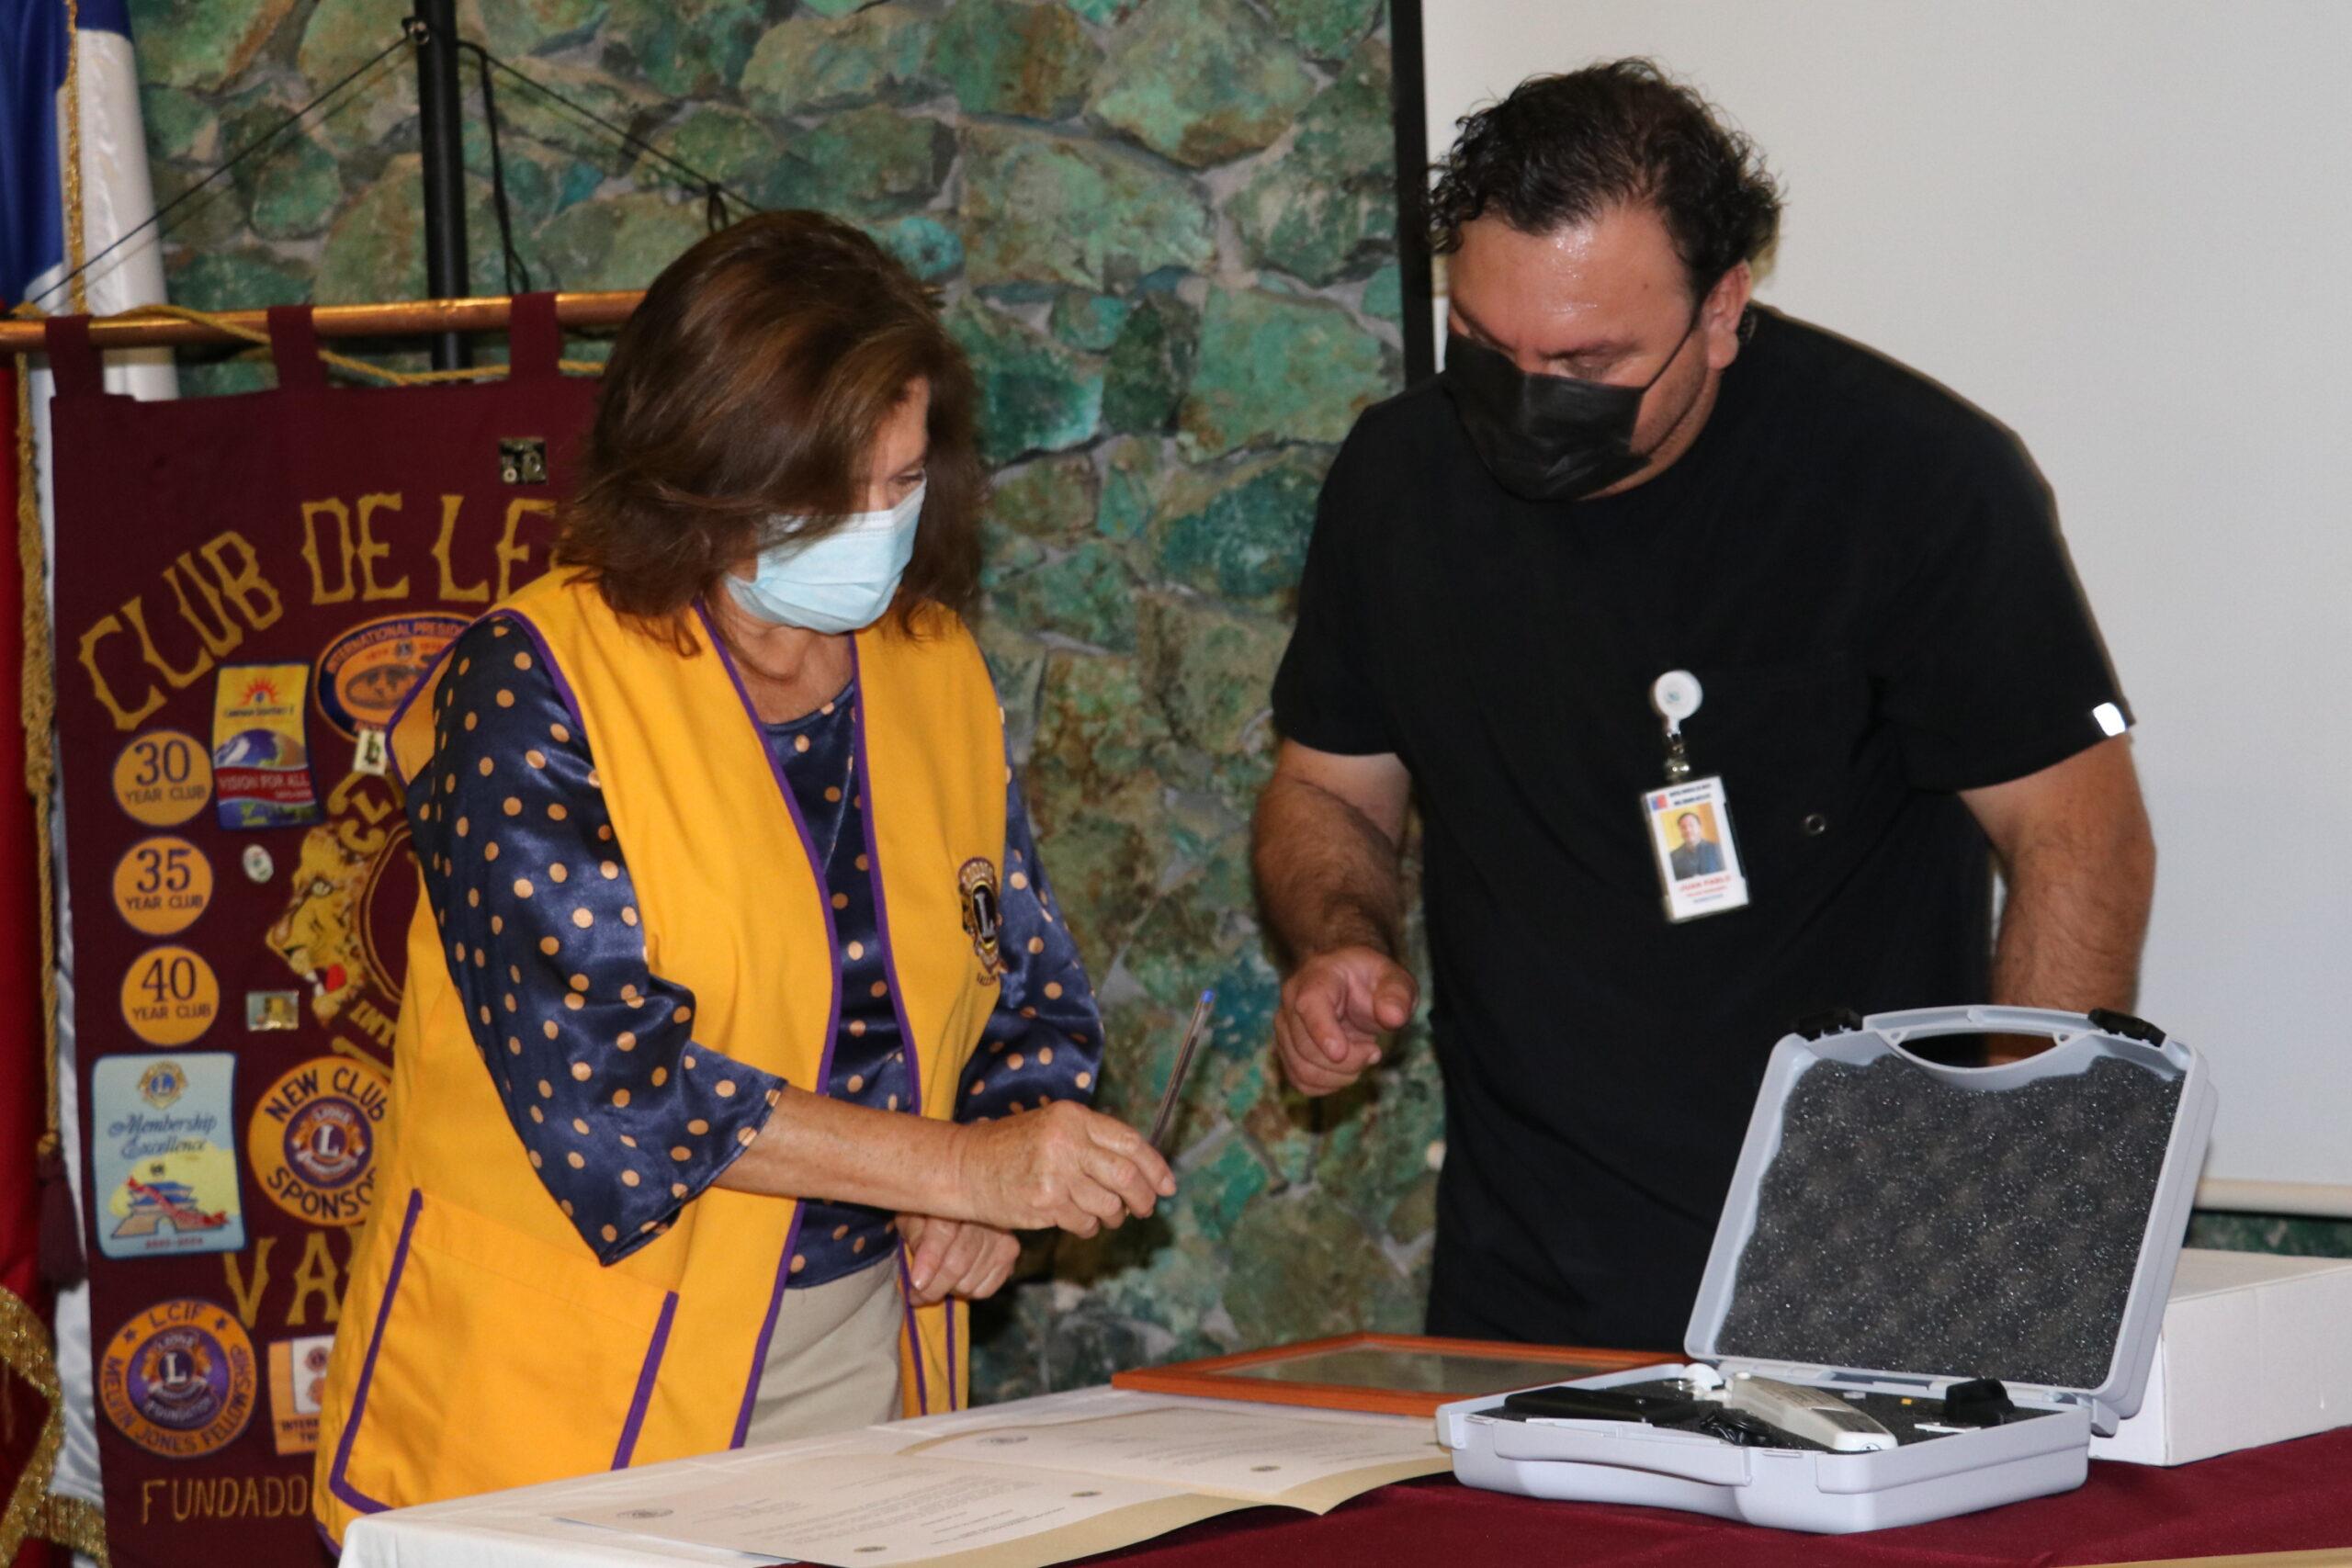 Hospital recibe tonómetro por parte del Club de Leones de Vallenar